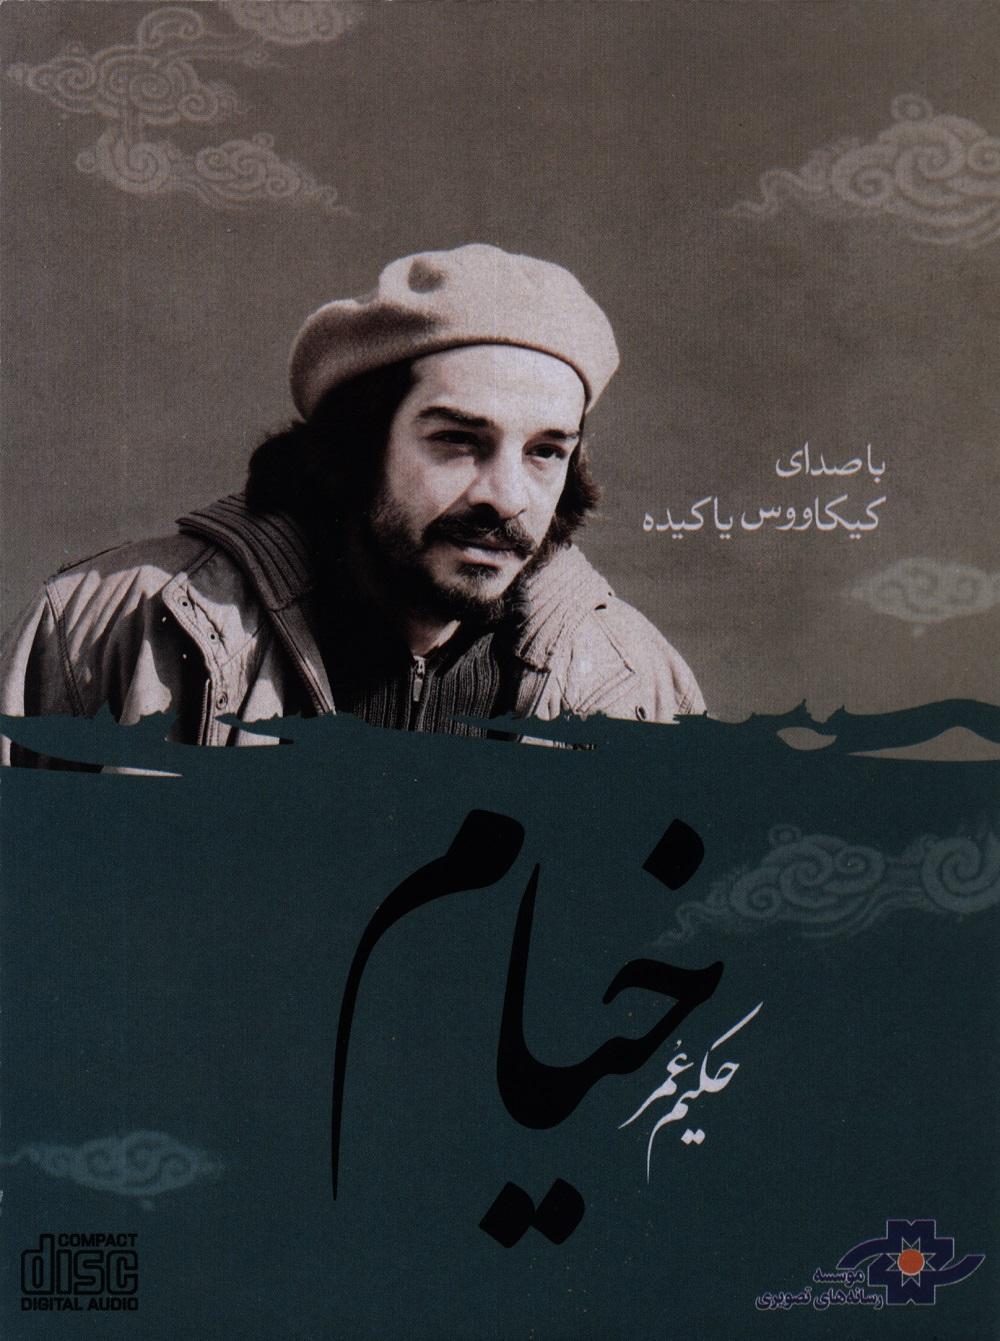 Keikavoos Yakideh Khayyam 01 دانلود آلبوم دکلمه کیکاووس یاکیده رباعیات حکیم عمر خیام